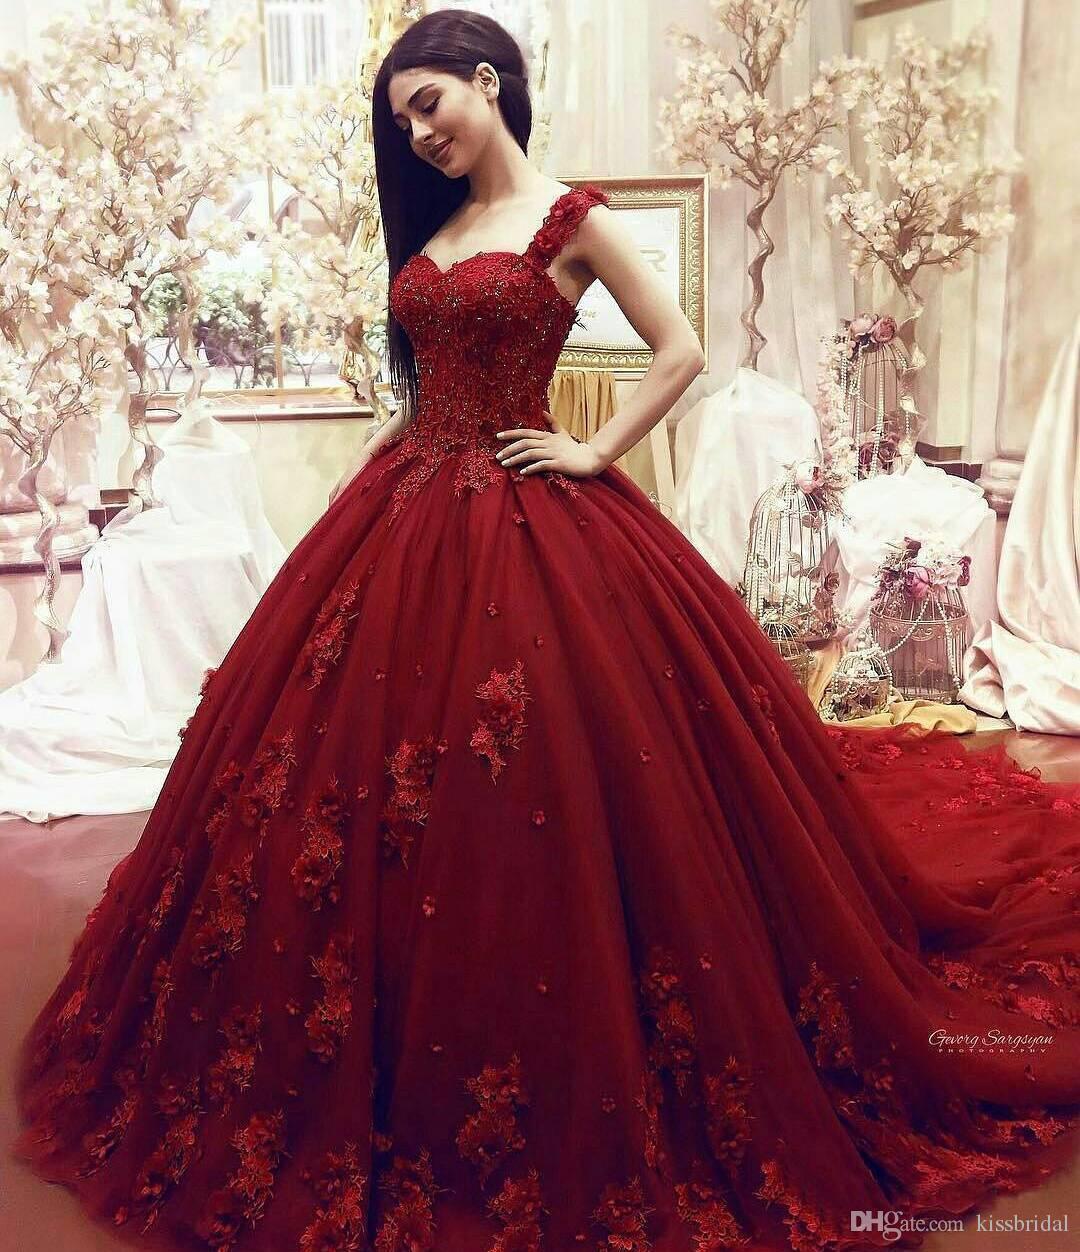 Großhandel Rote Ballkleid Brautkleider Elegante Prinzessin 2019 Aus Der  Schulter Spitze Appliques Handmade Blumen Tüll Braut Formale Kleider Von